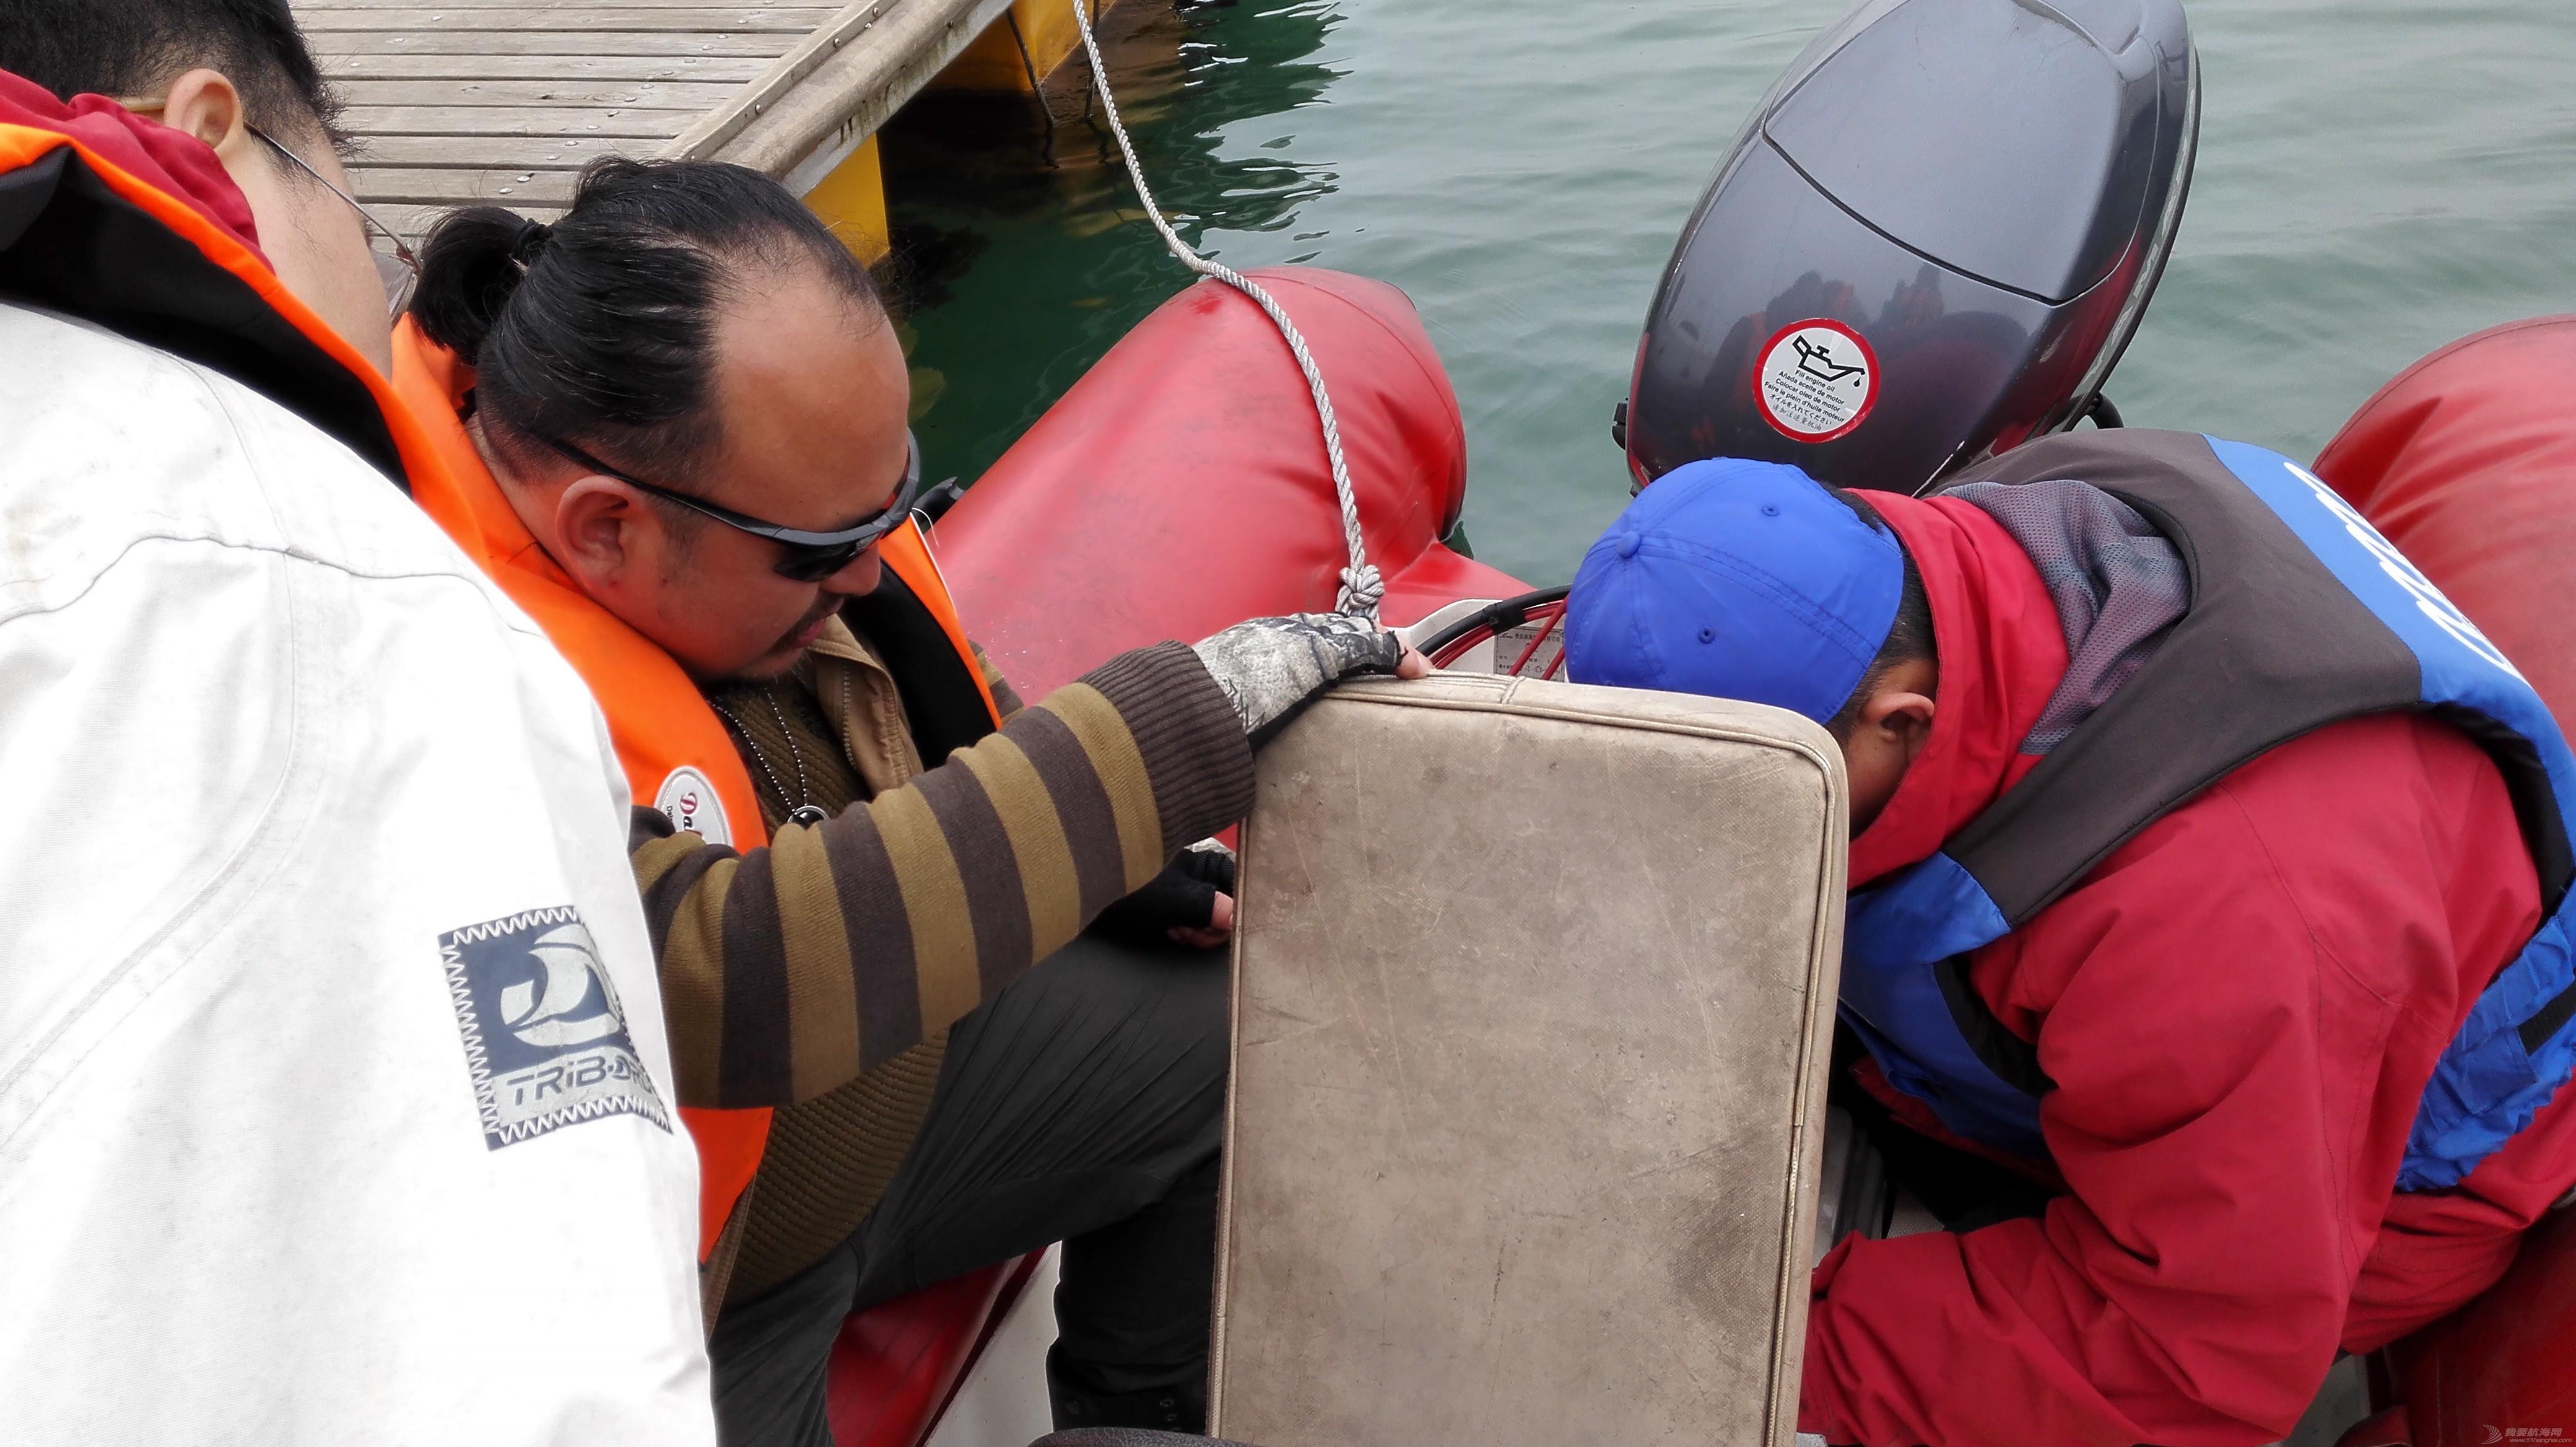 北京,日照 日照航海学习——北京篇 付哥和潘哥在装电瓶